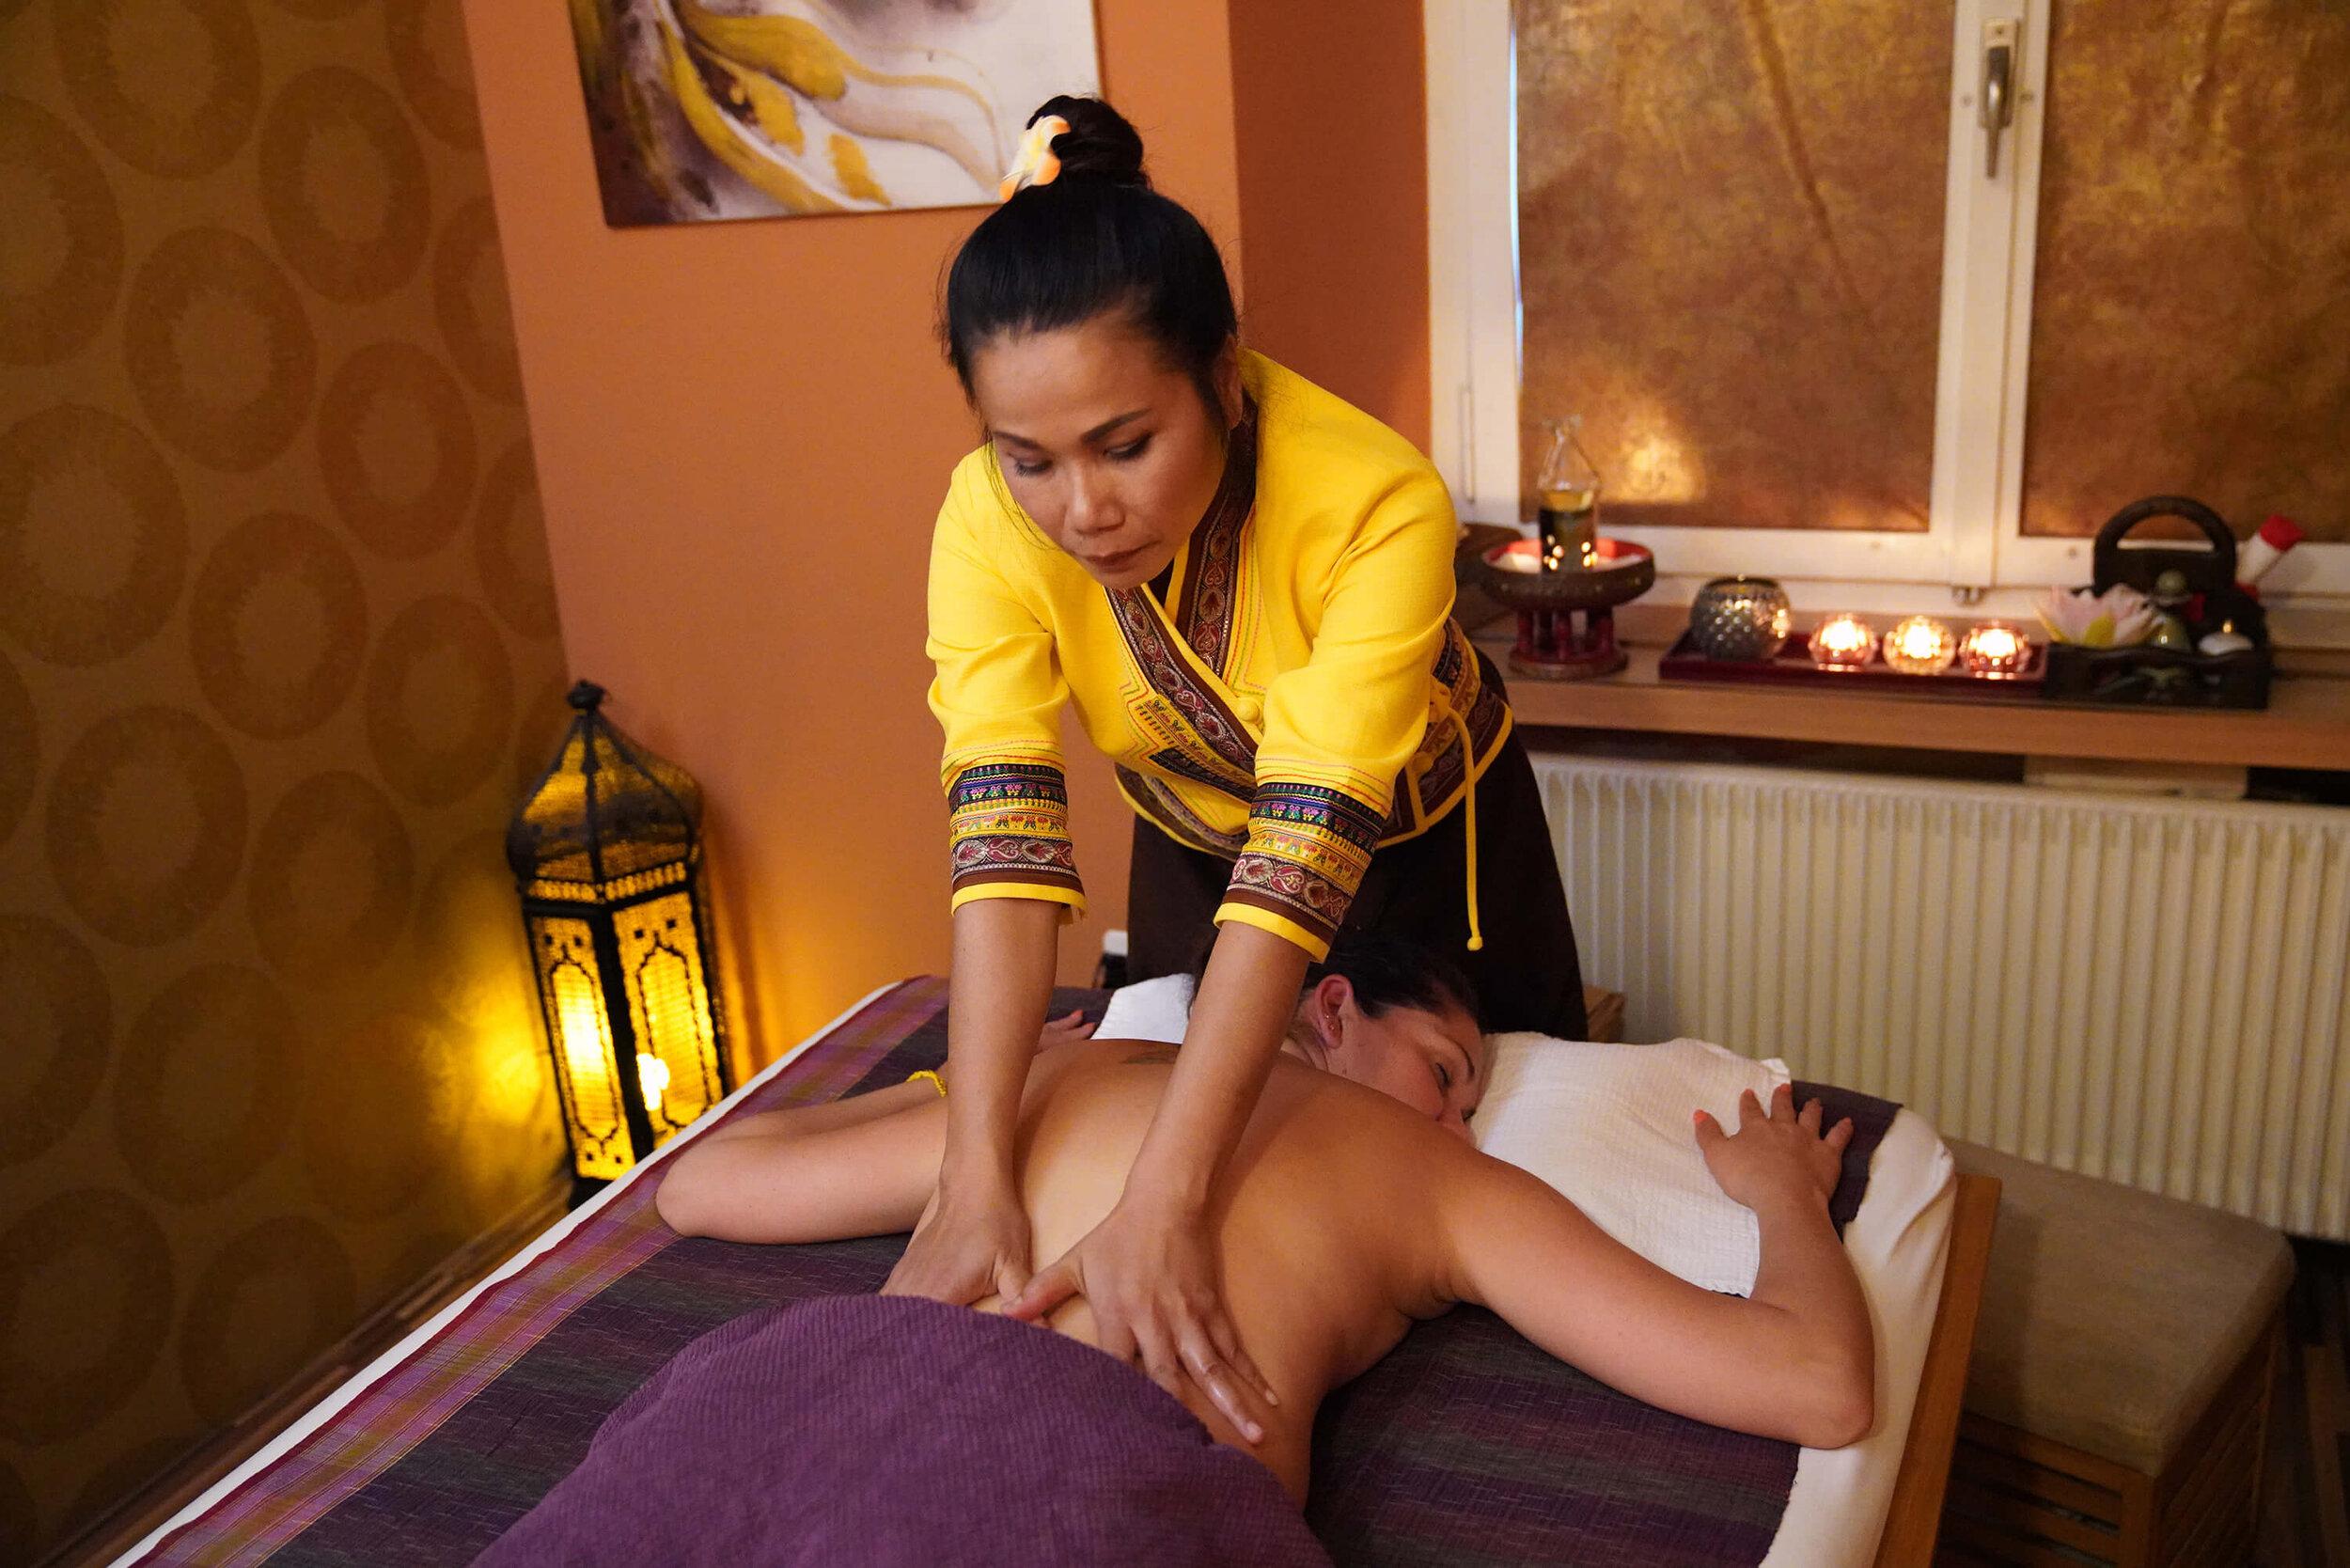 Ihre Massage - Sie dürfen sich hingeben und geniessen! Wir sorgen für Wohlbefinden und Entspannung!